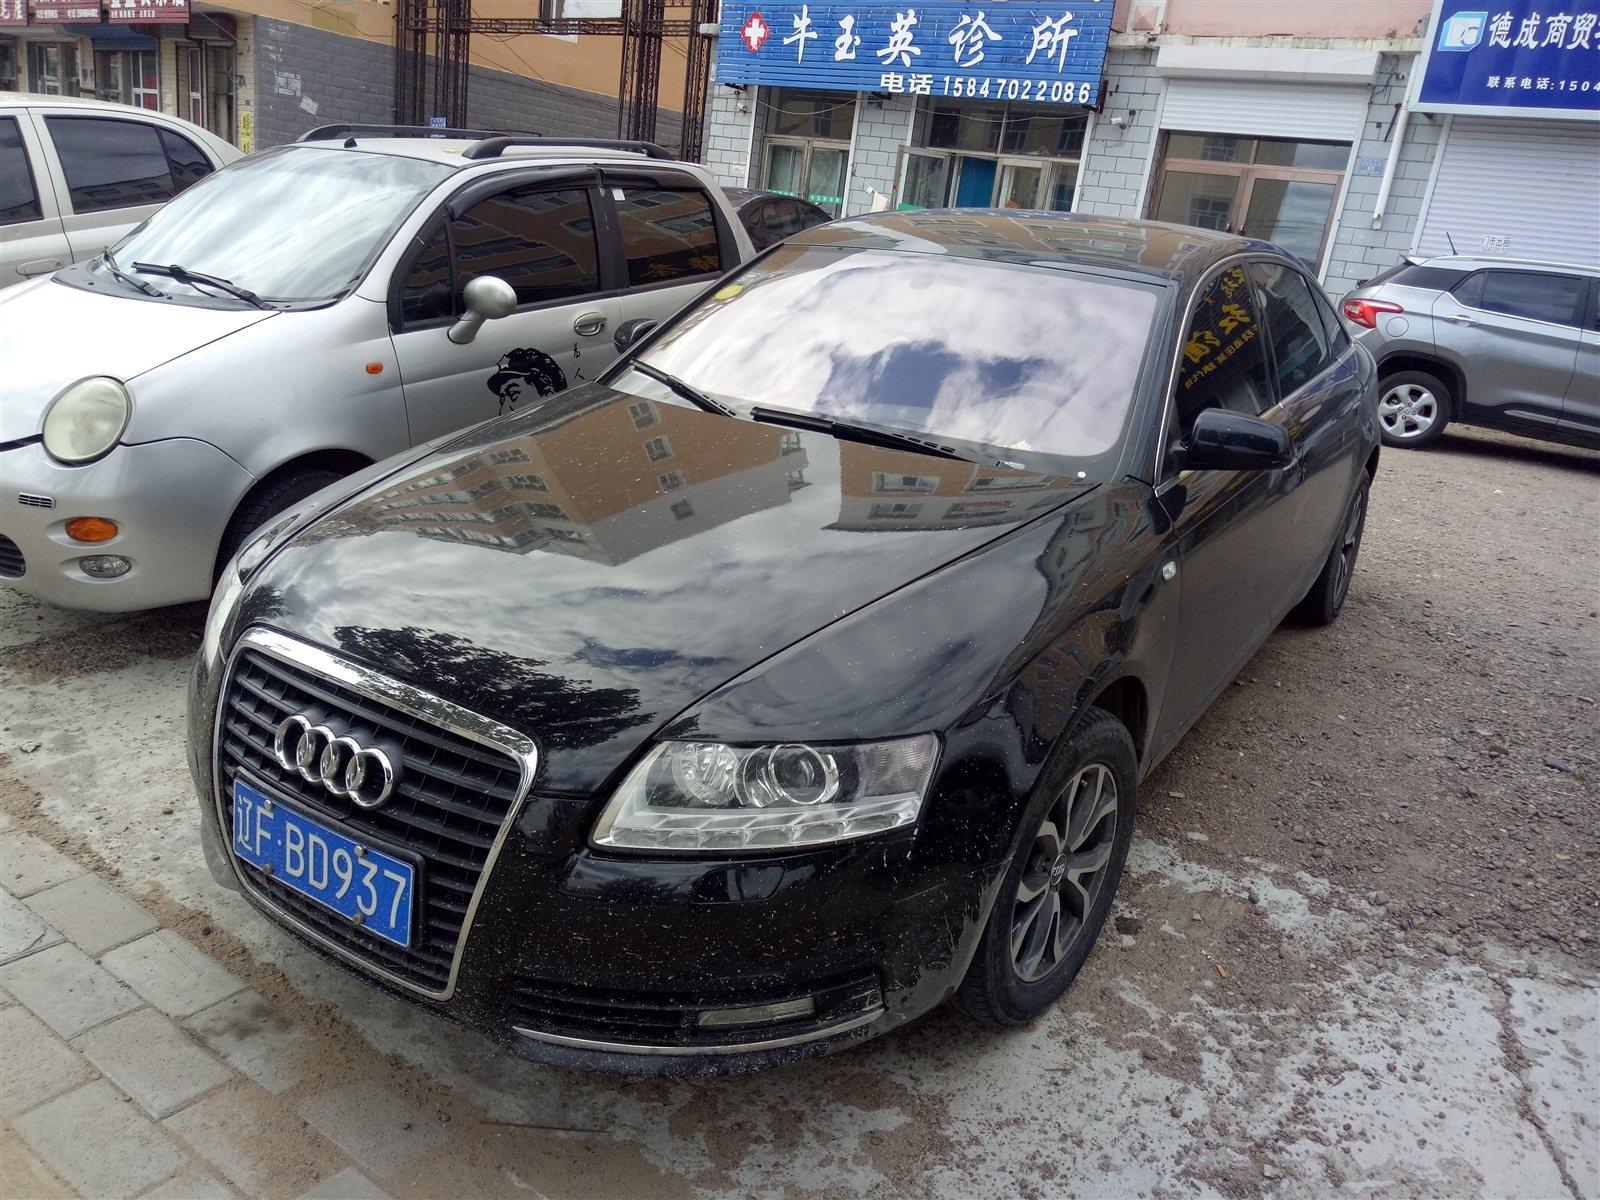 车辆图片8